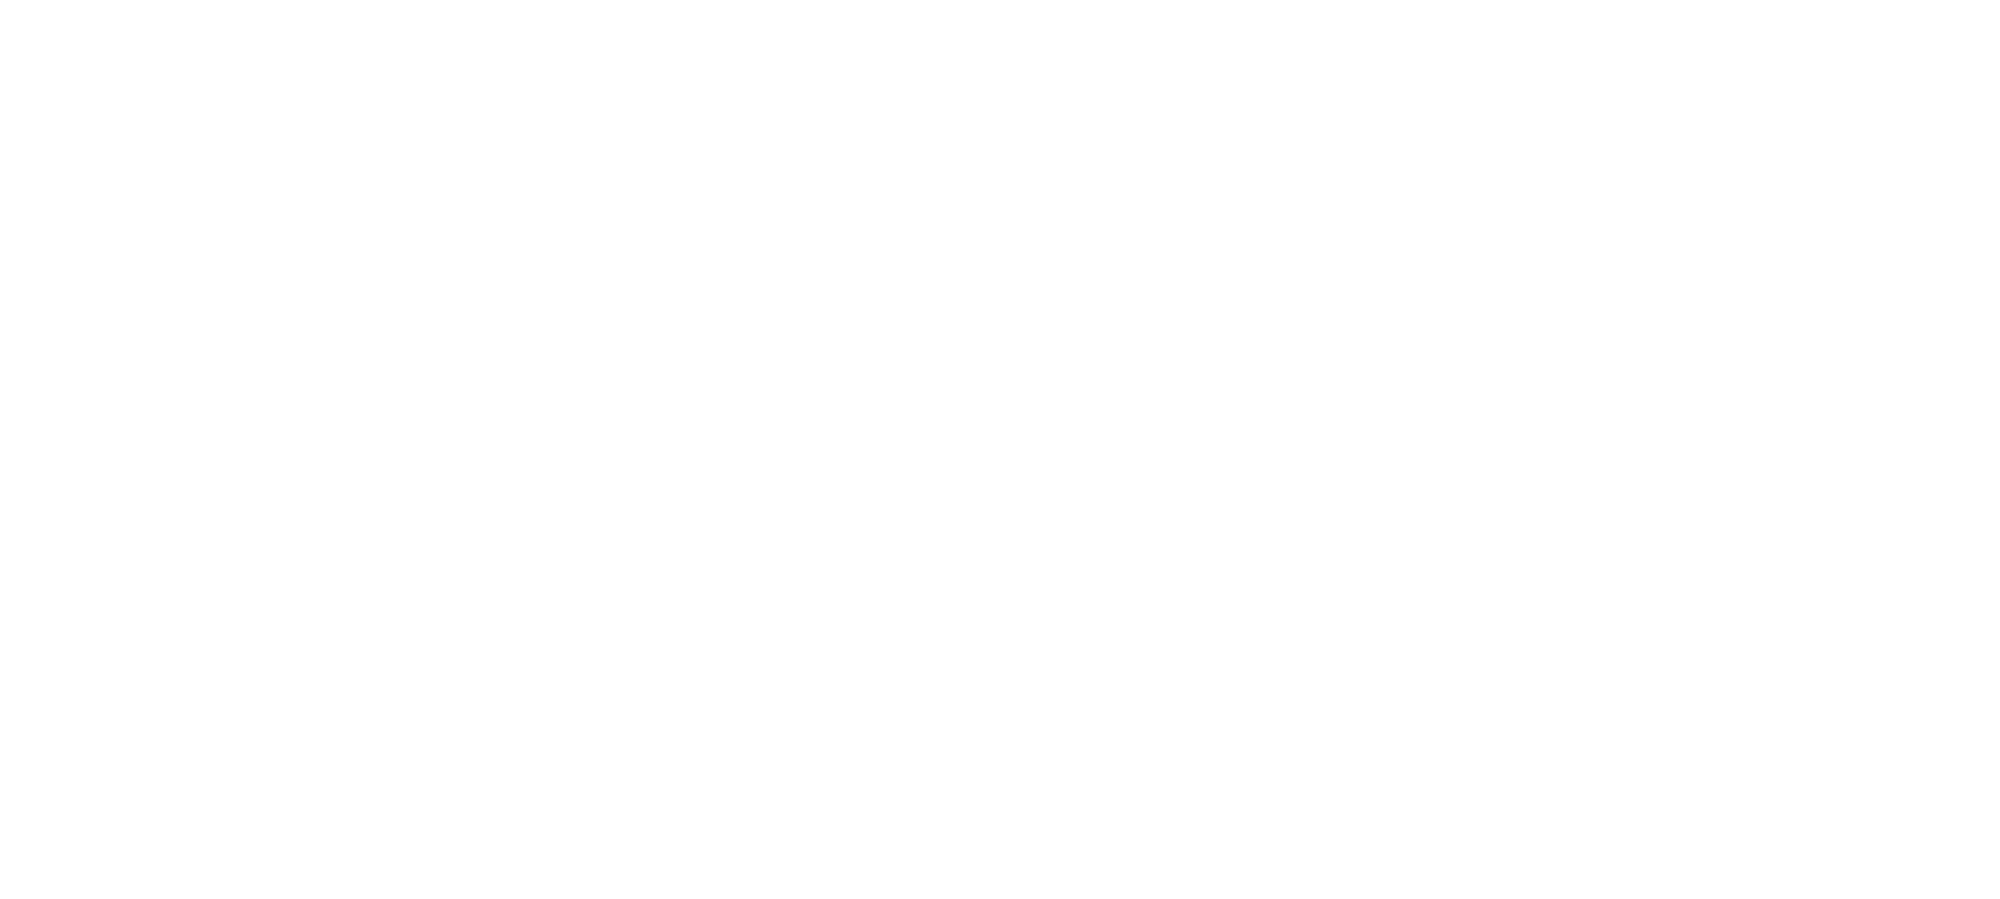 Whitehat School